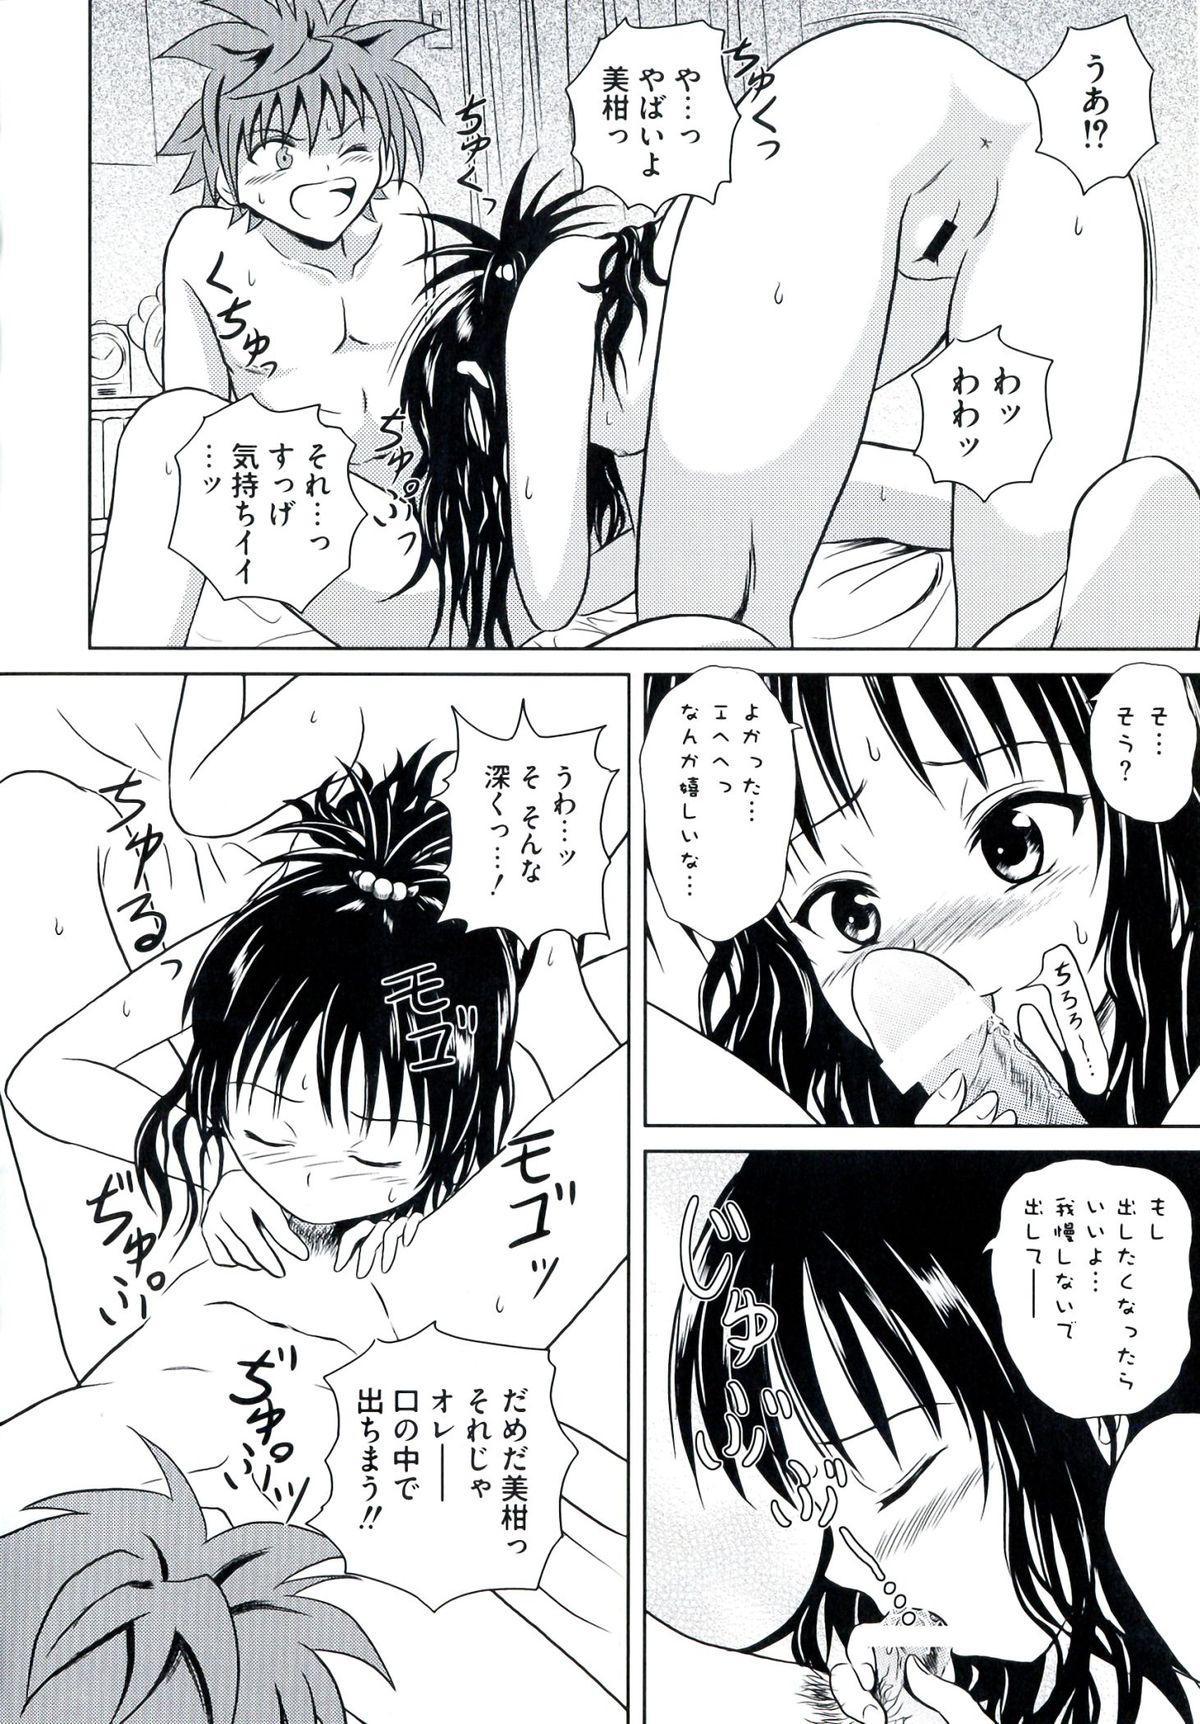 Geki EROVEru DARKNESS 151